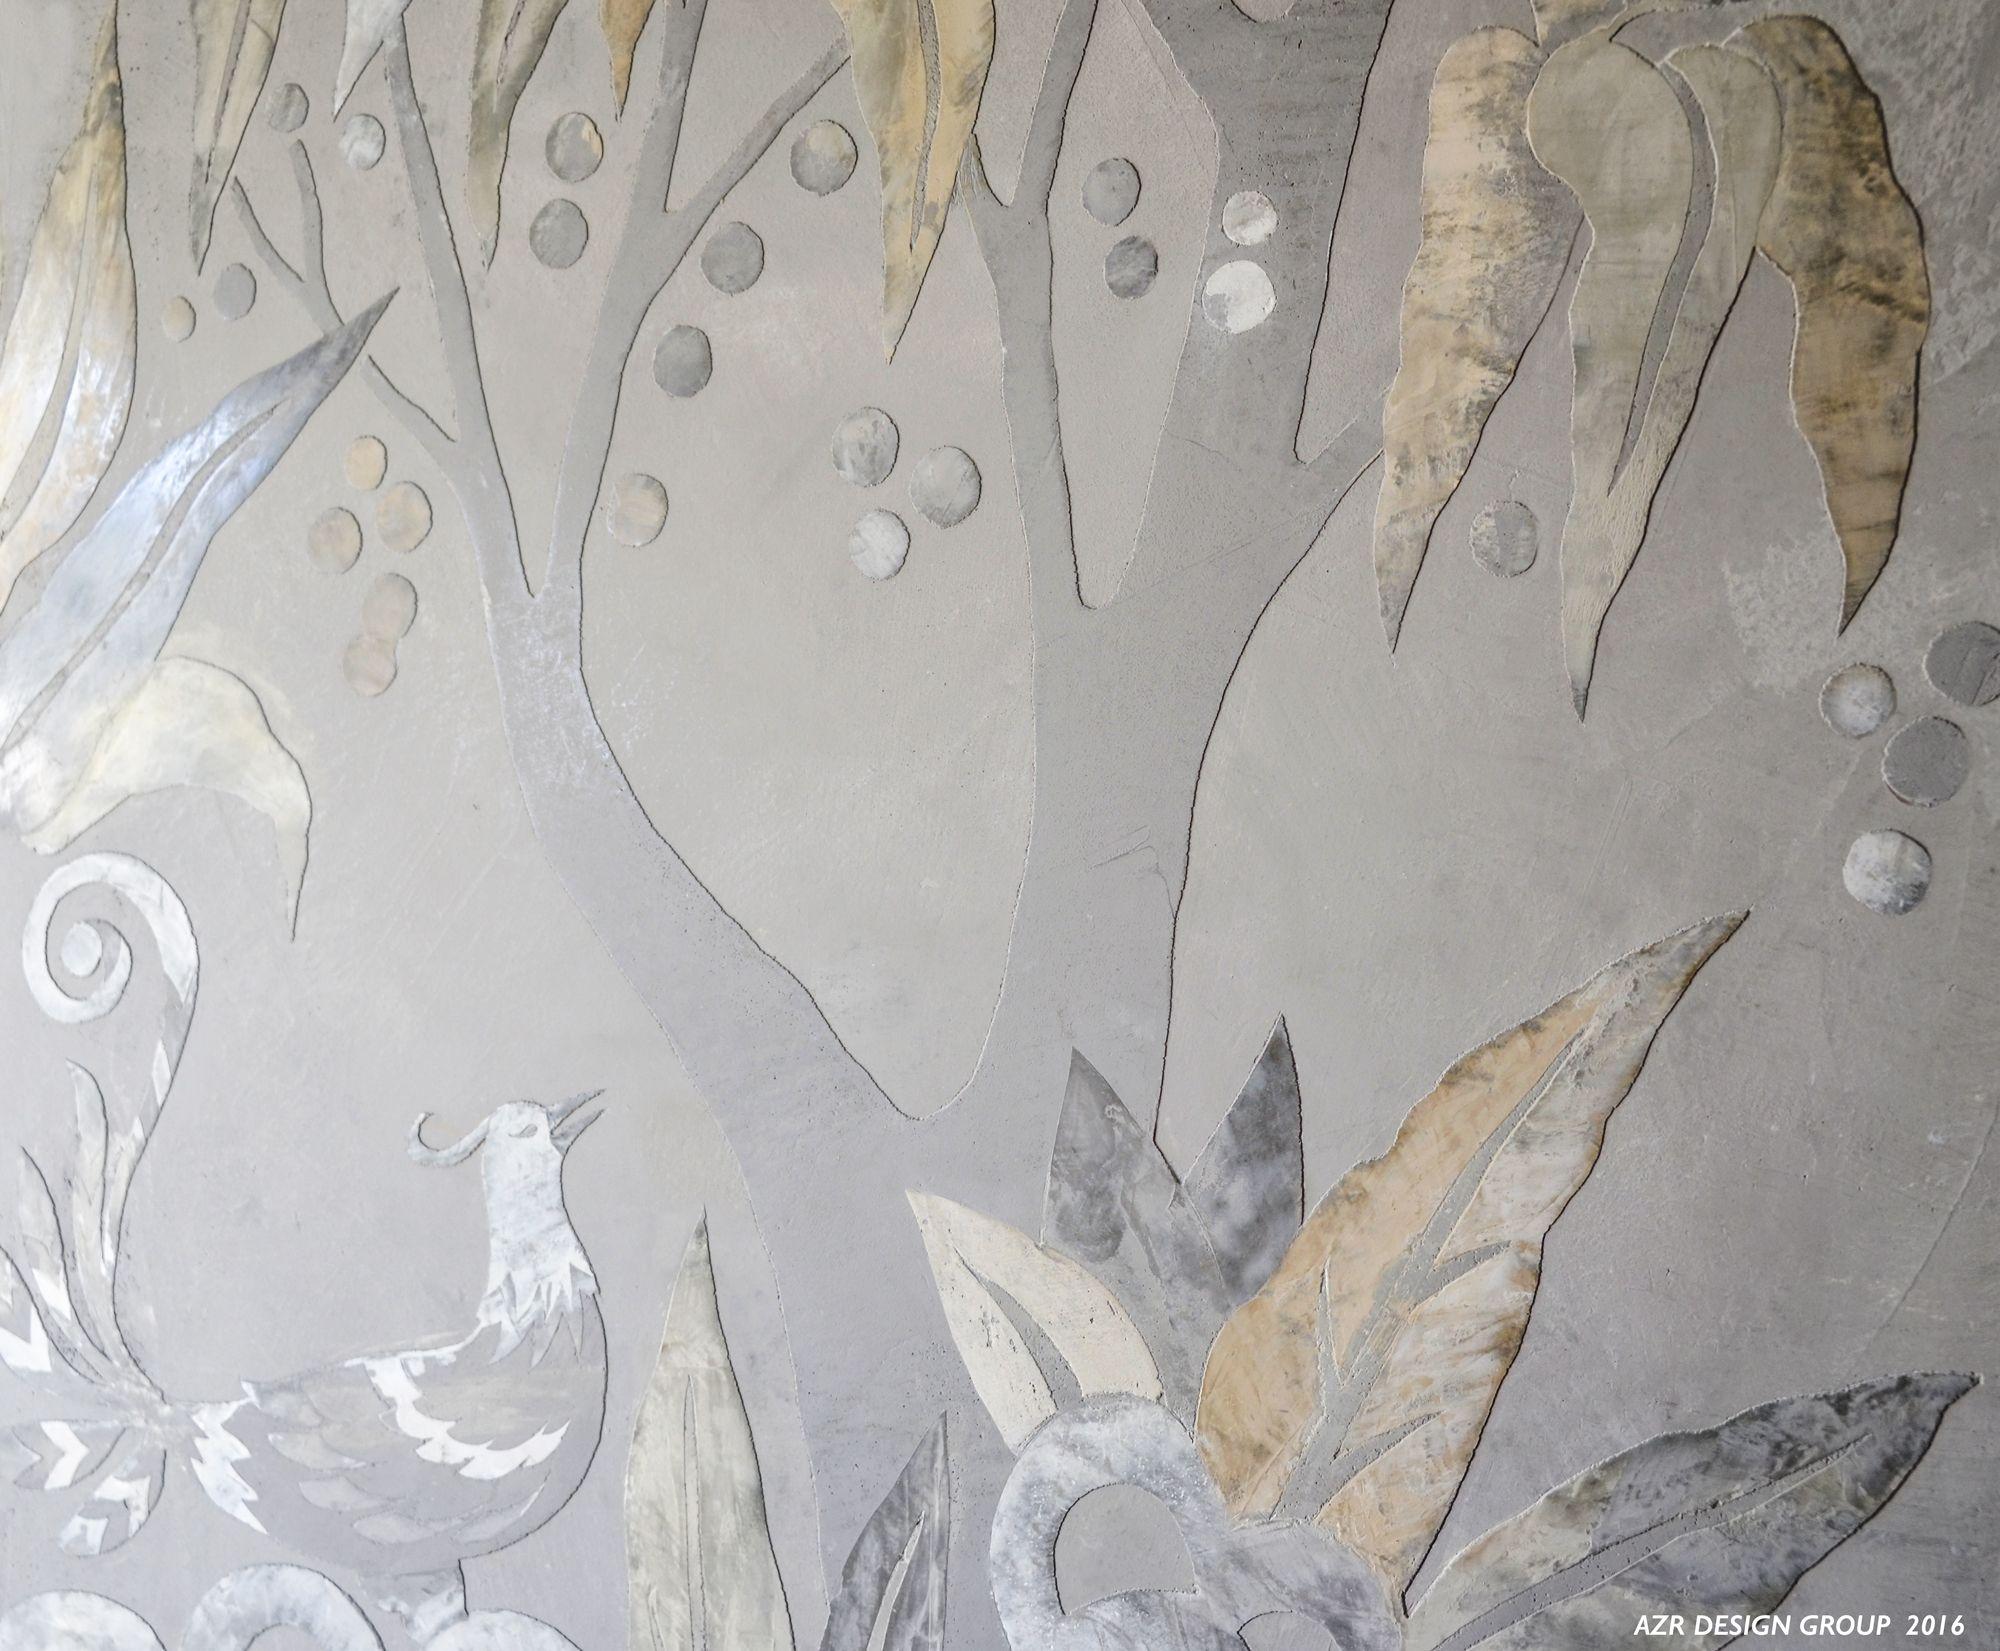 - Custom Made Raised Venetian Plaster Murals By Azr Design Group